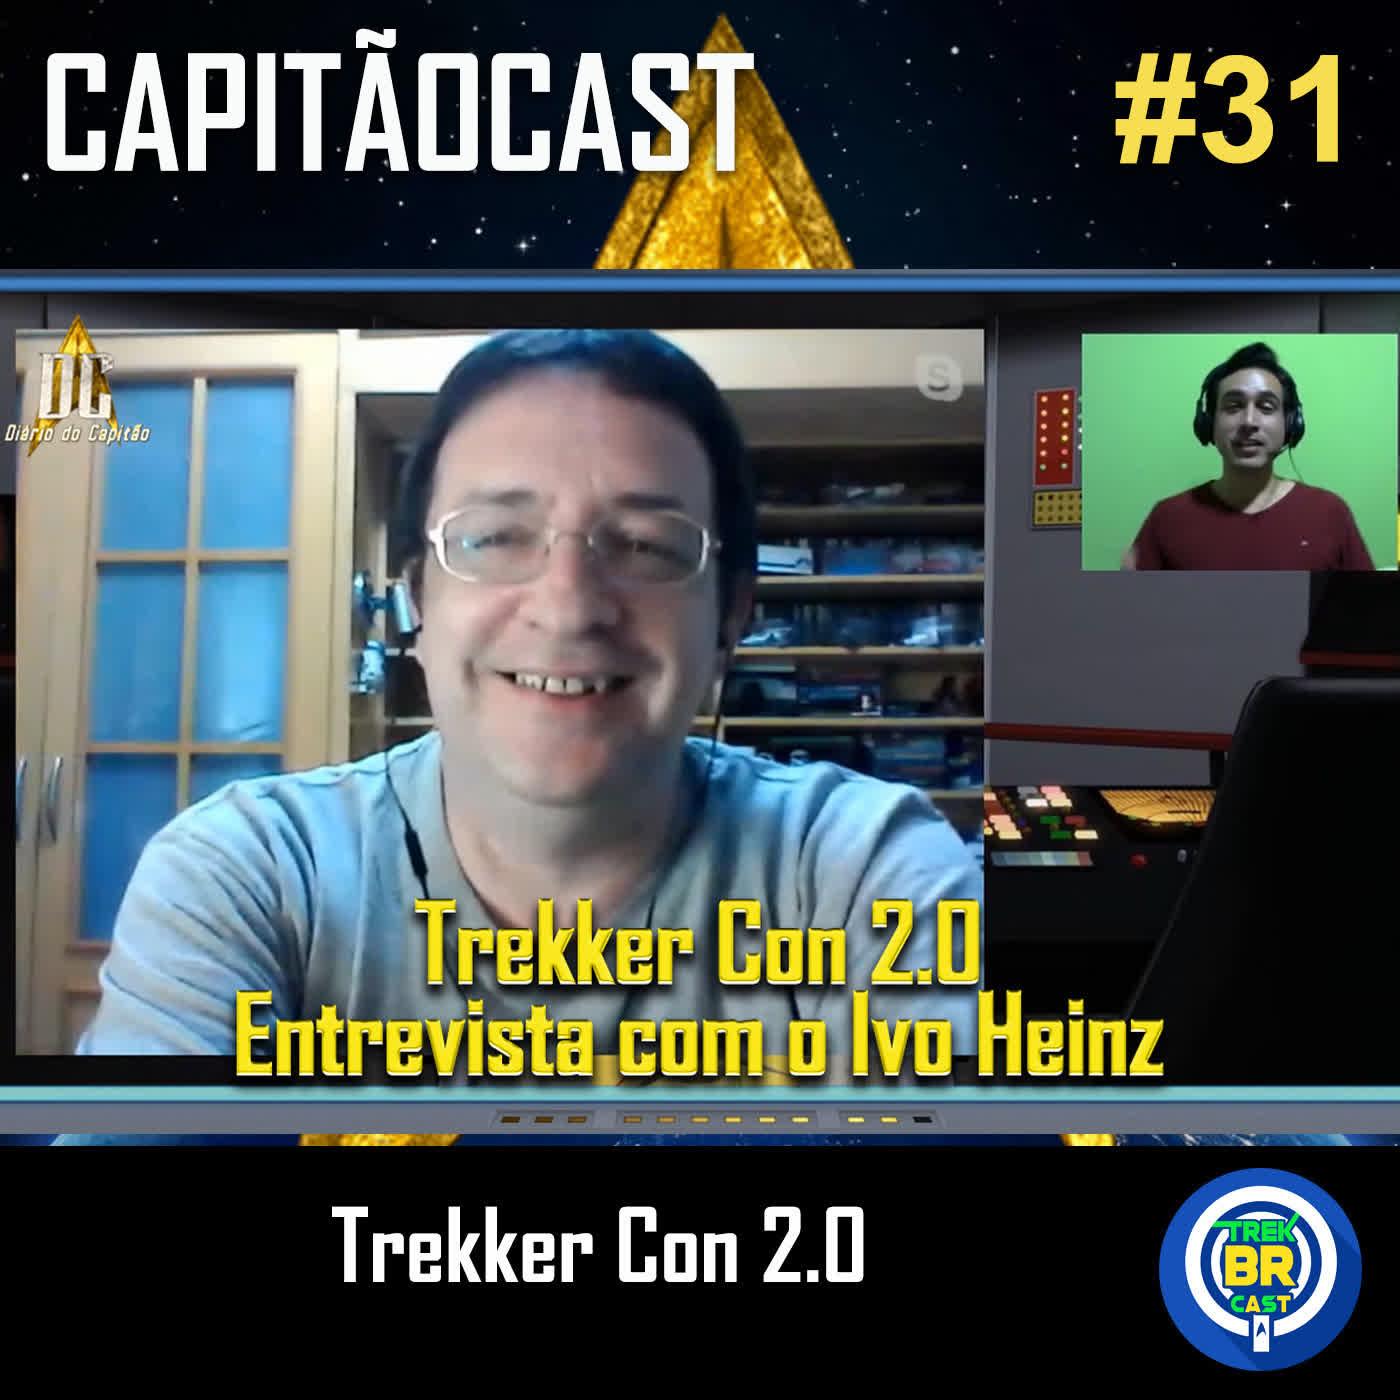 Entrevista com Ivo Heinz  - Diário do Capitão S06EP143